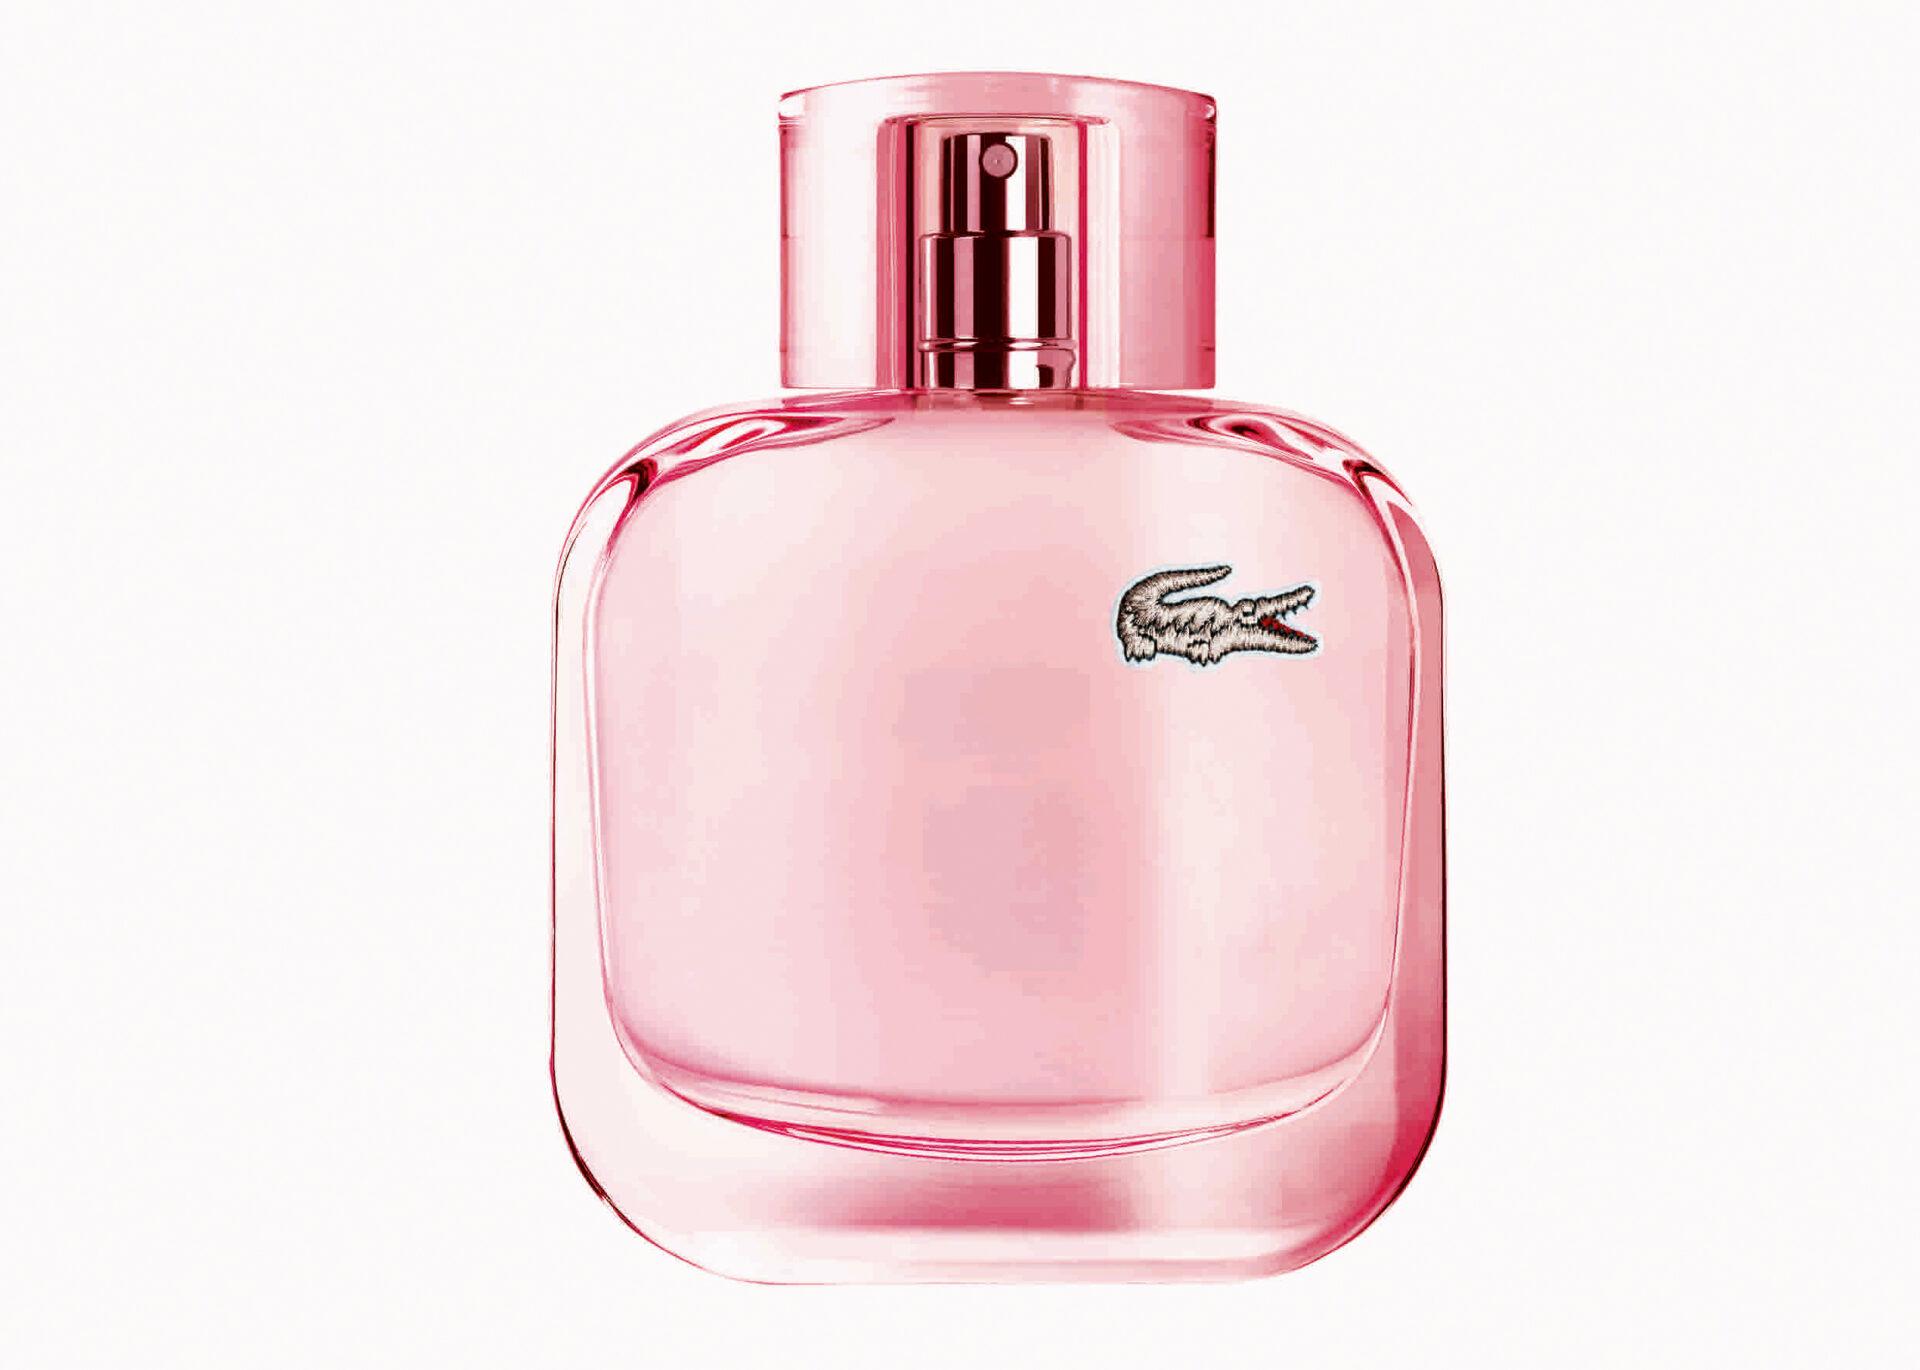 Sparkling fragrance from the EAU DE LACOSTE L.12.12 Pour Elle collection.